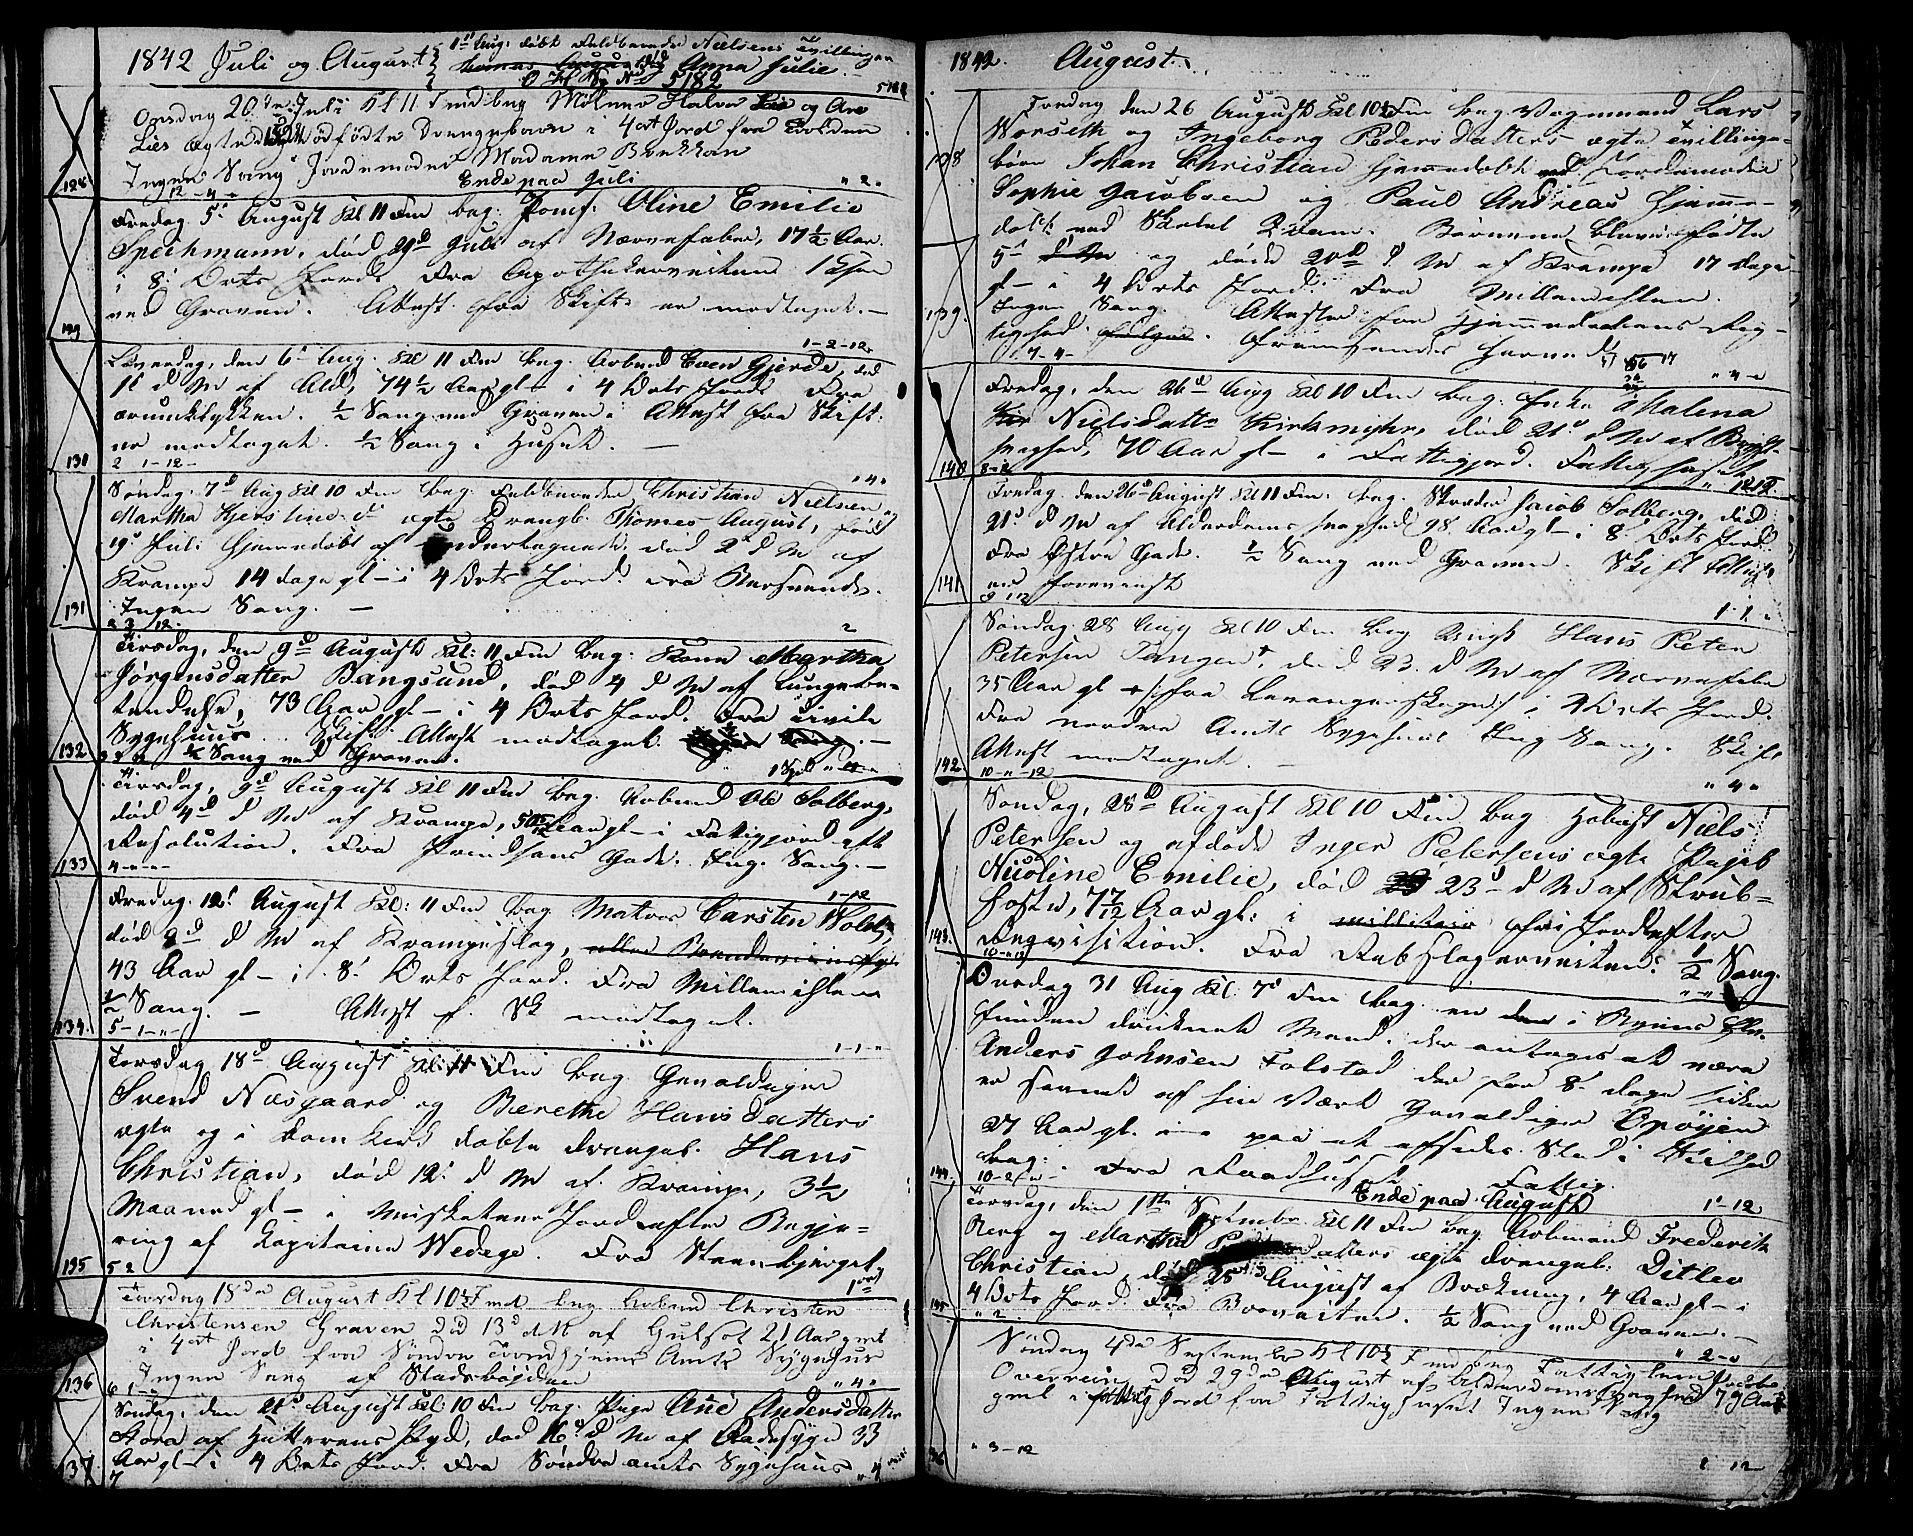 SAT, Ministerialprotokoller, klokkerbøker og fødselsregistre - Sør-Trøndelag, 601/L0083: Klokkerbok nr. 601C01, 1837-1855